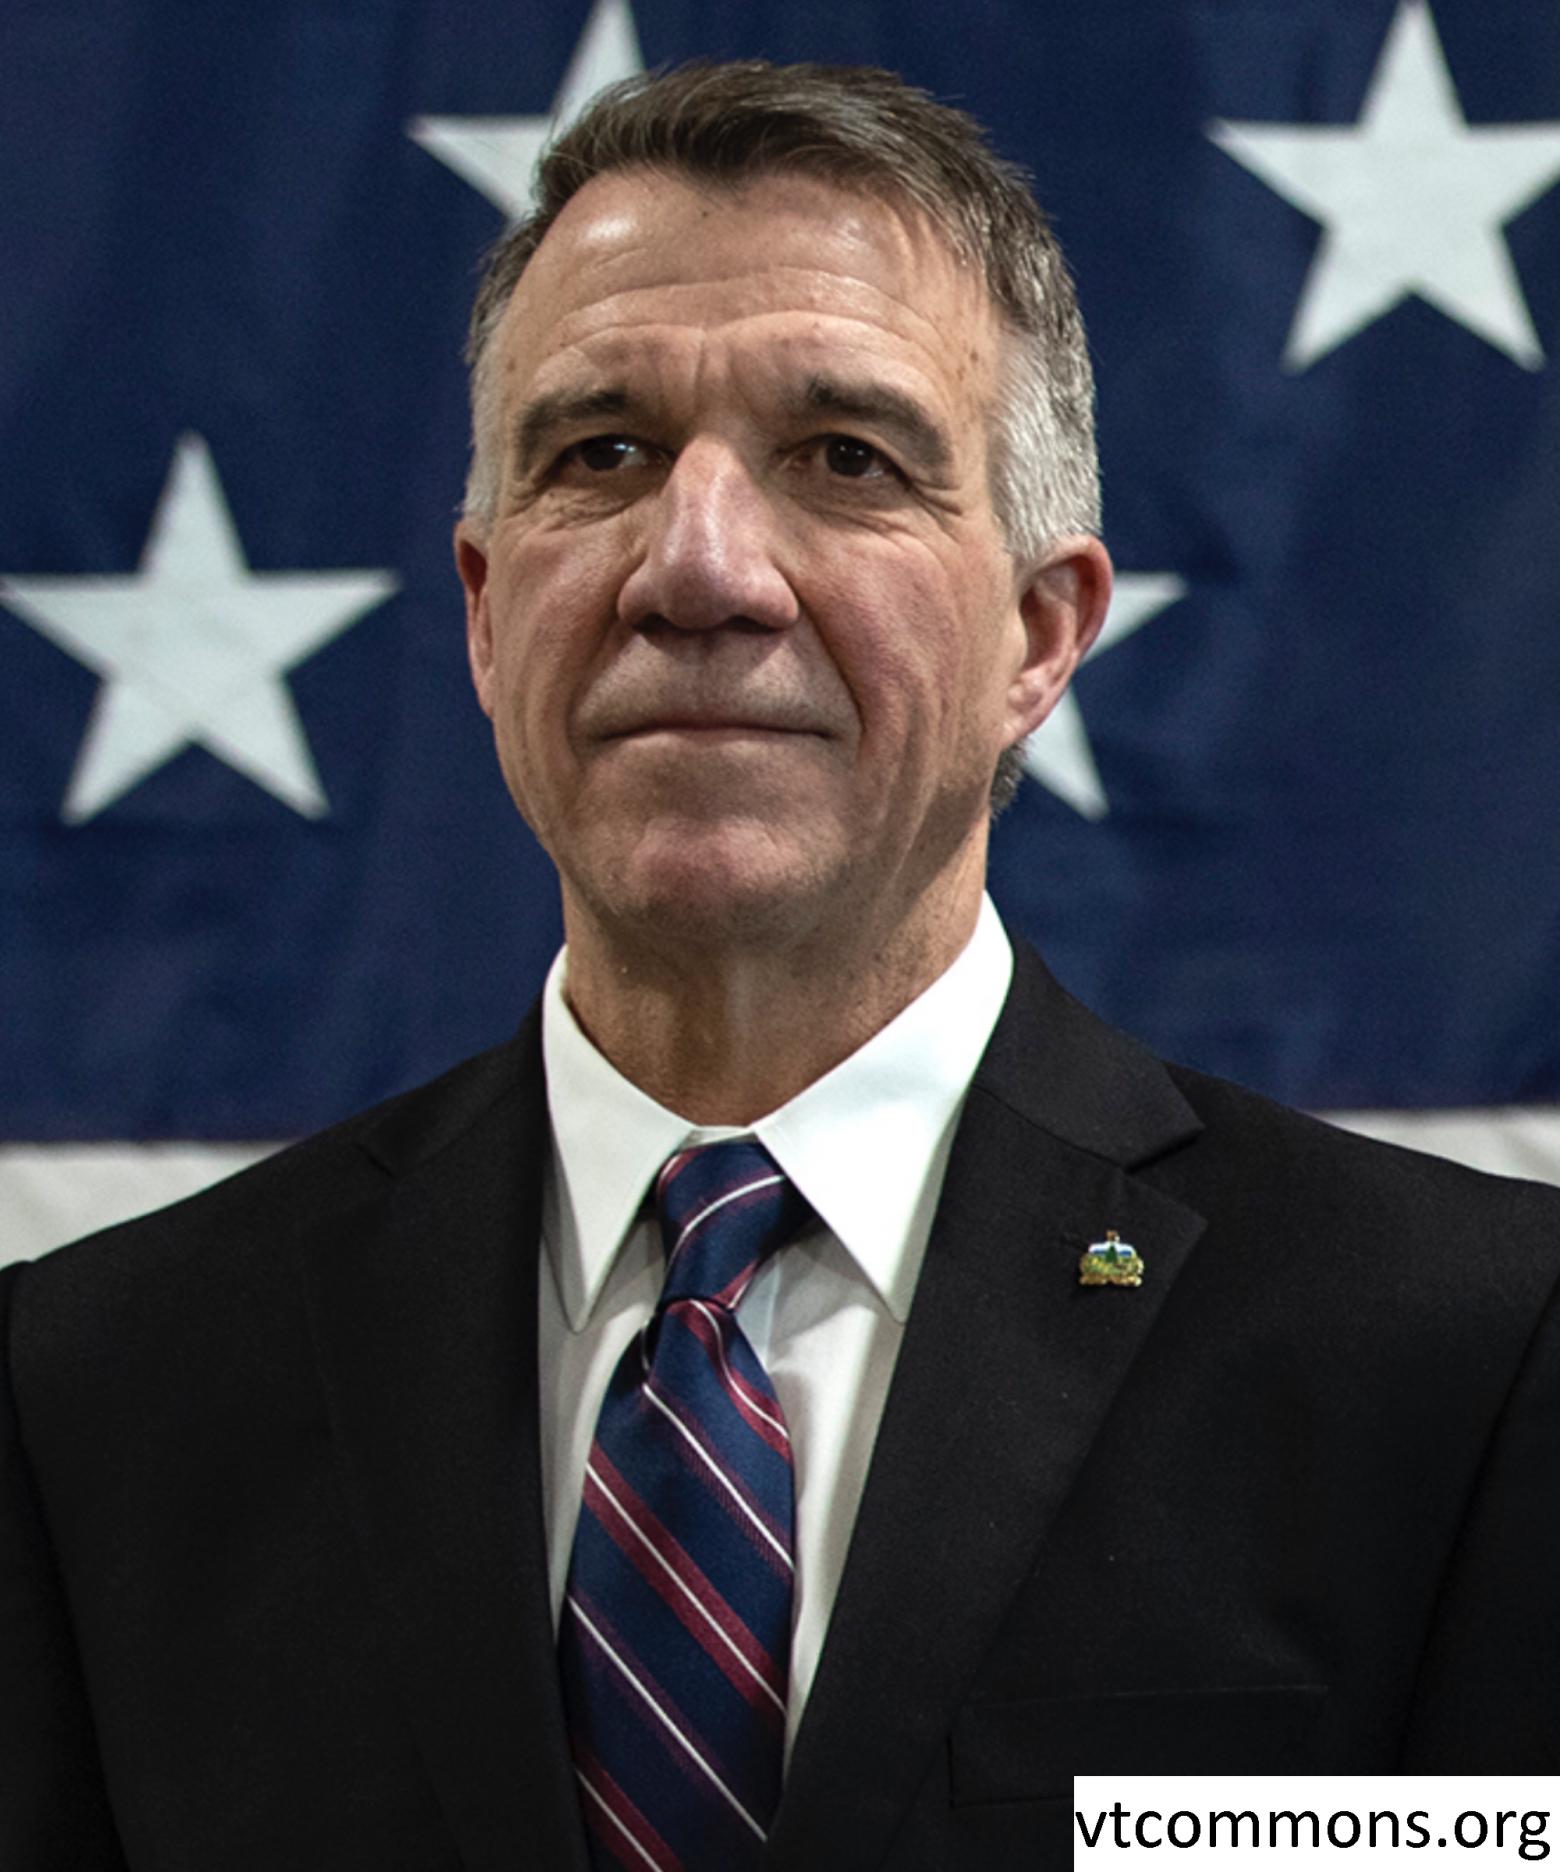 Mengulas Tentang Sosok Phil Scott, Gubernur Vermont yang Ke-82